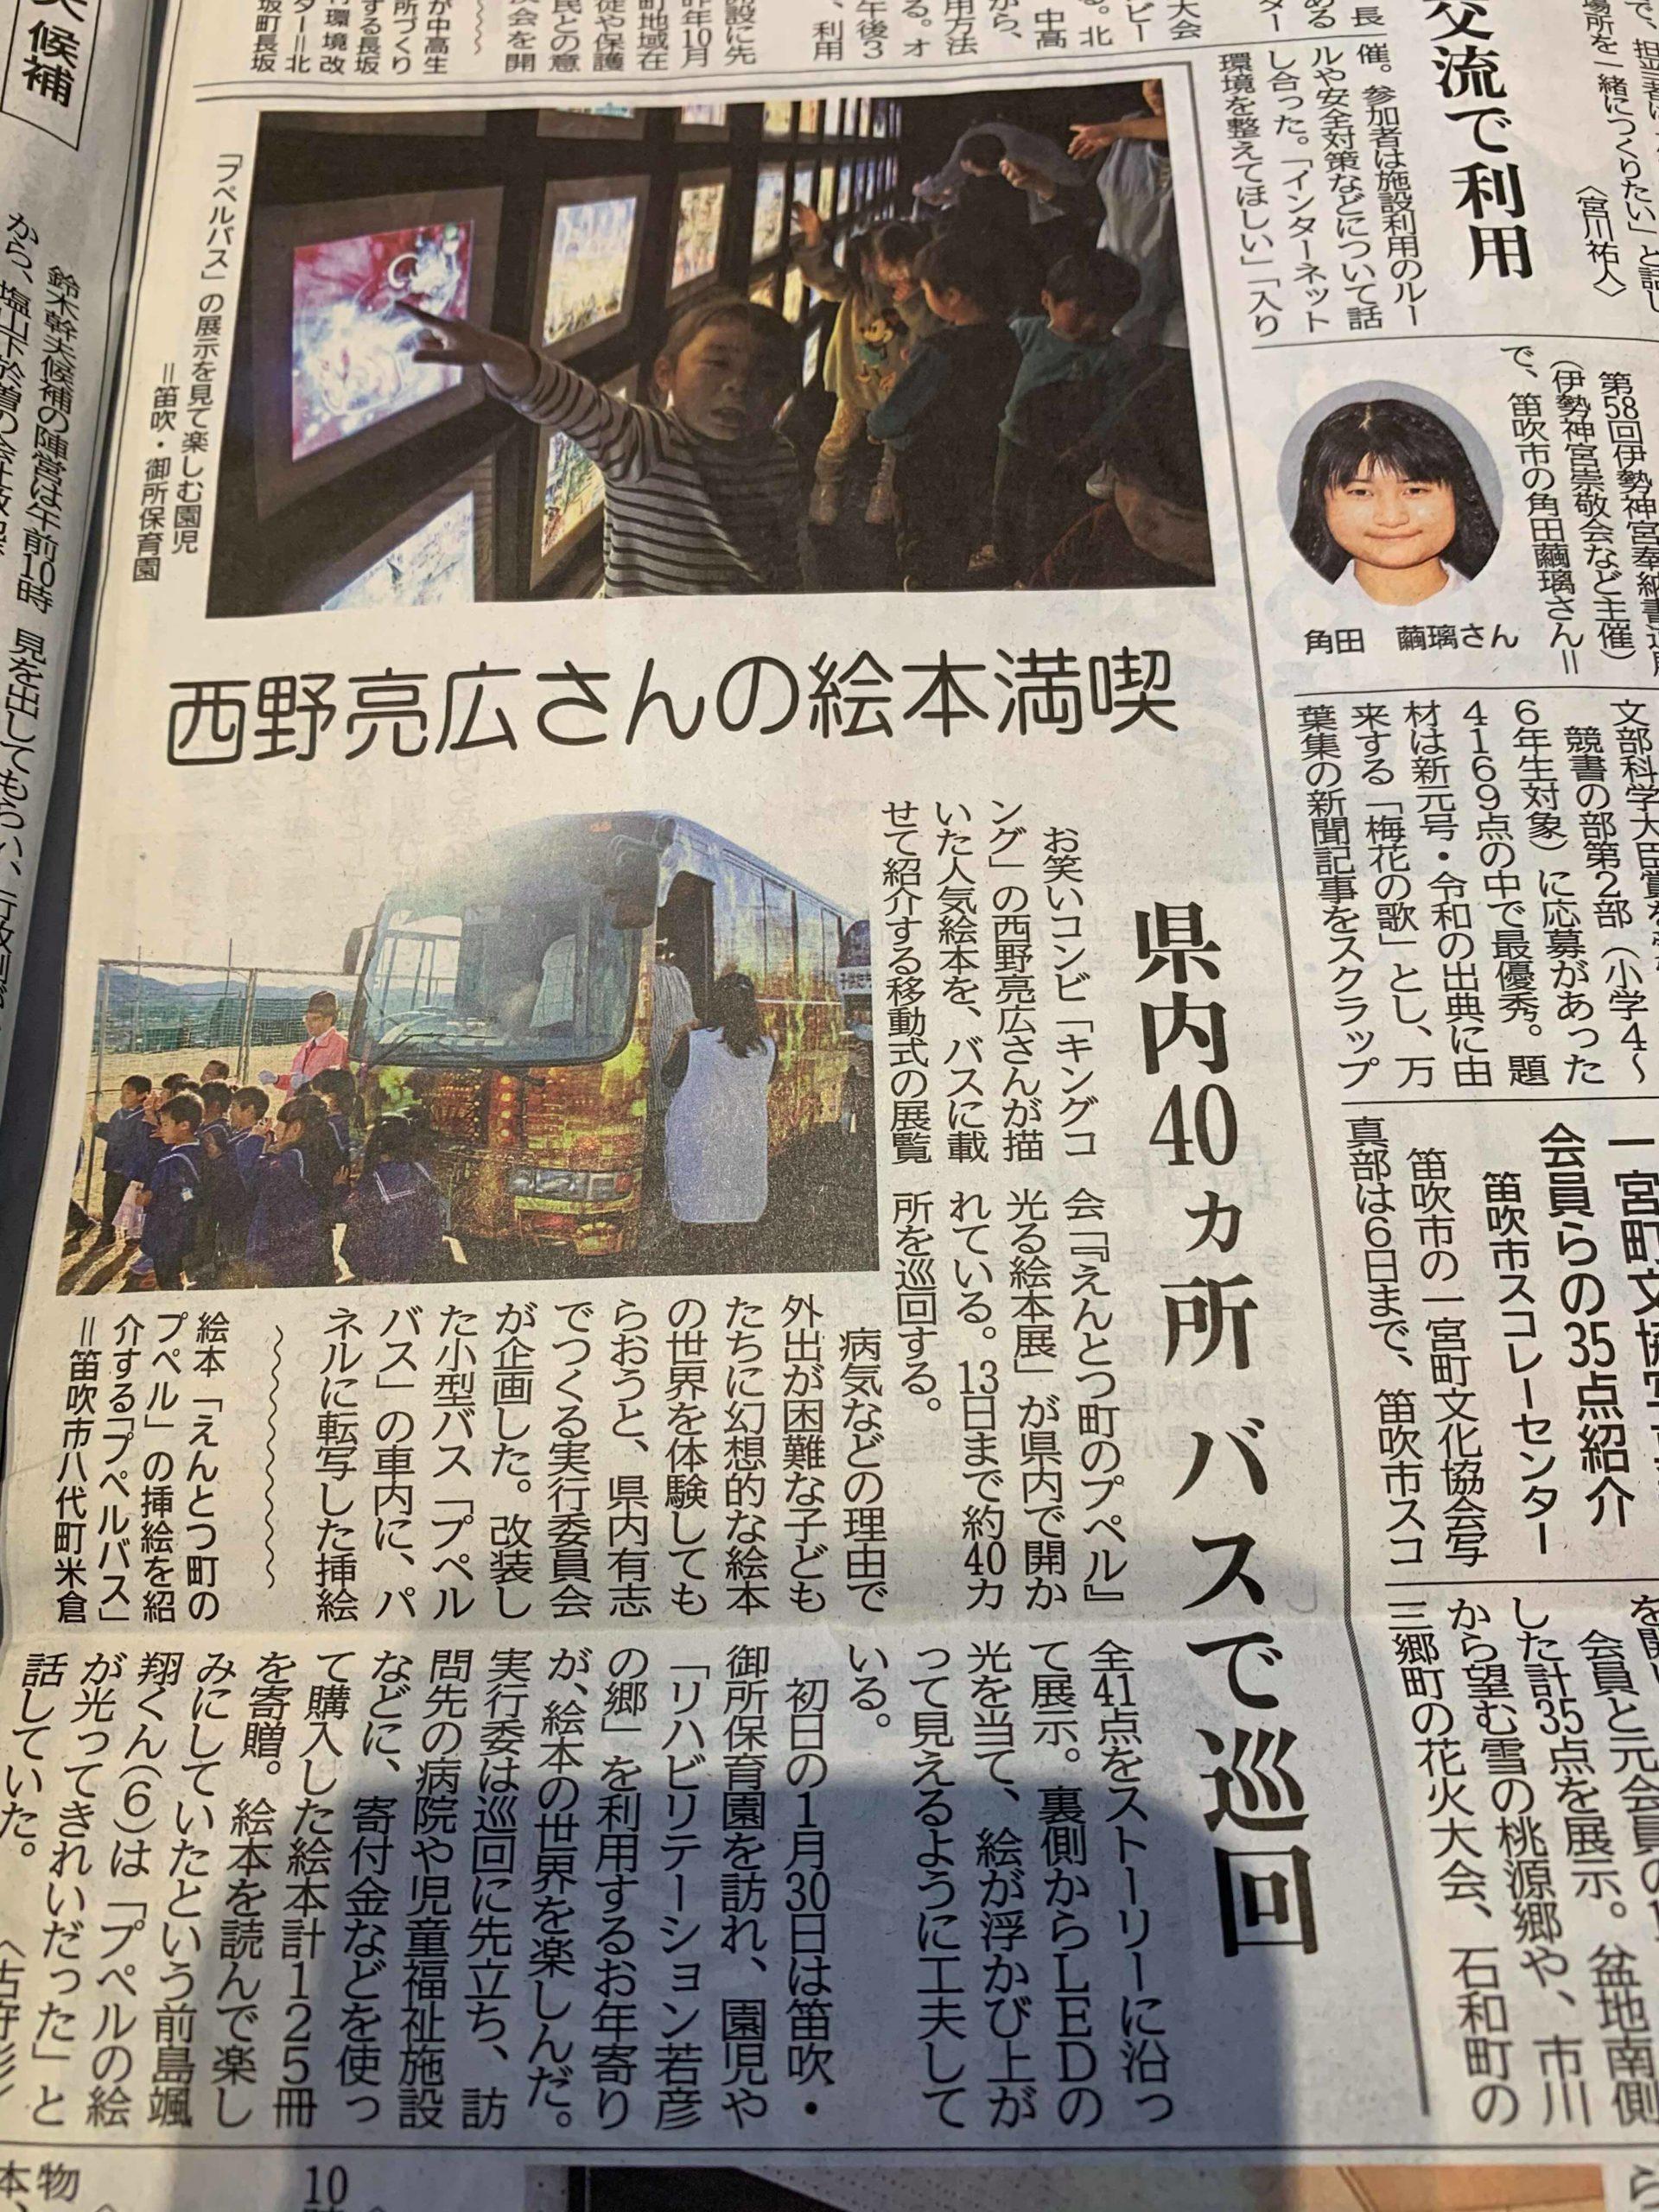 日 日 新聞 山梨